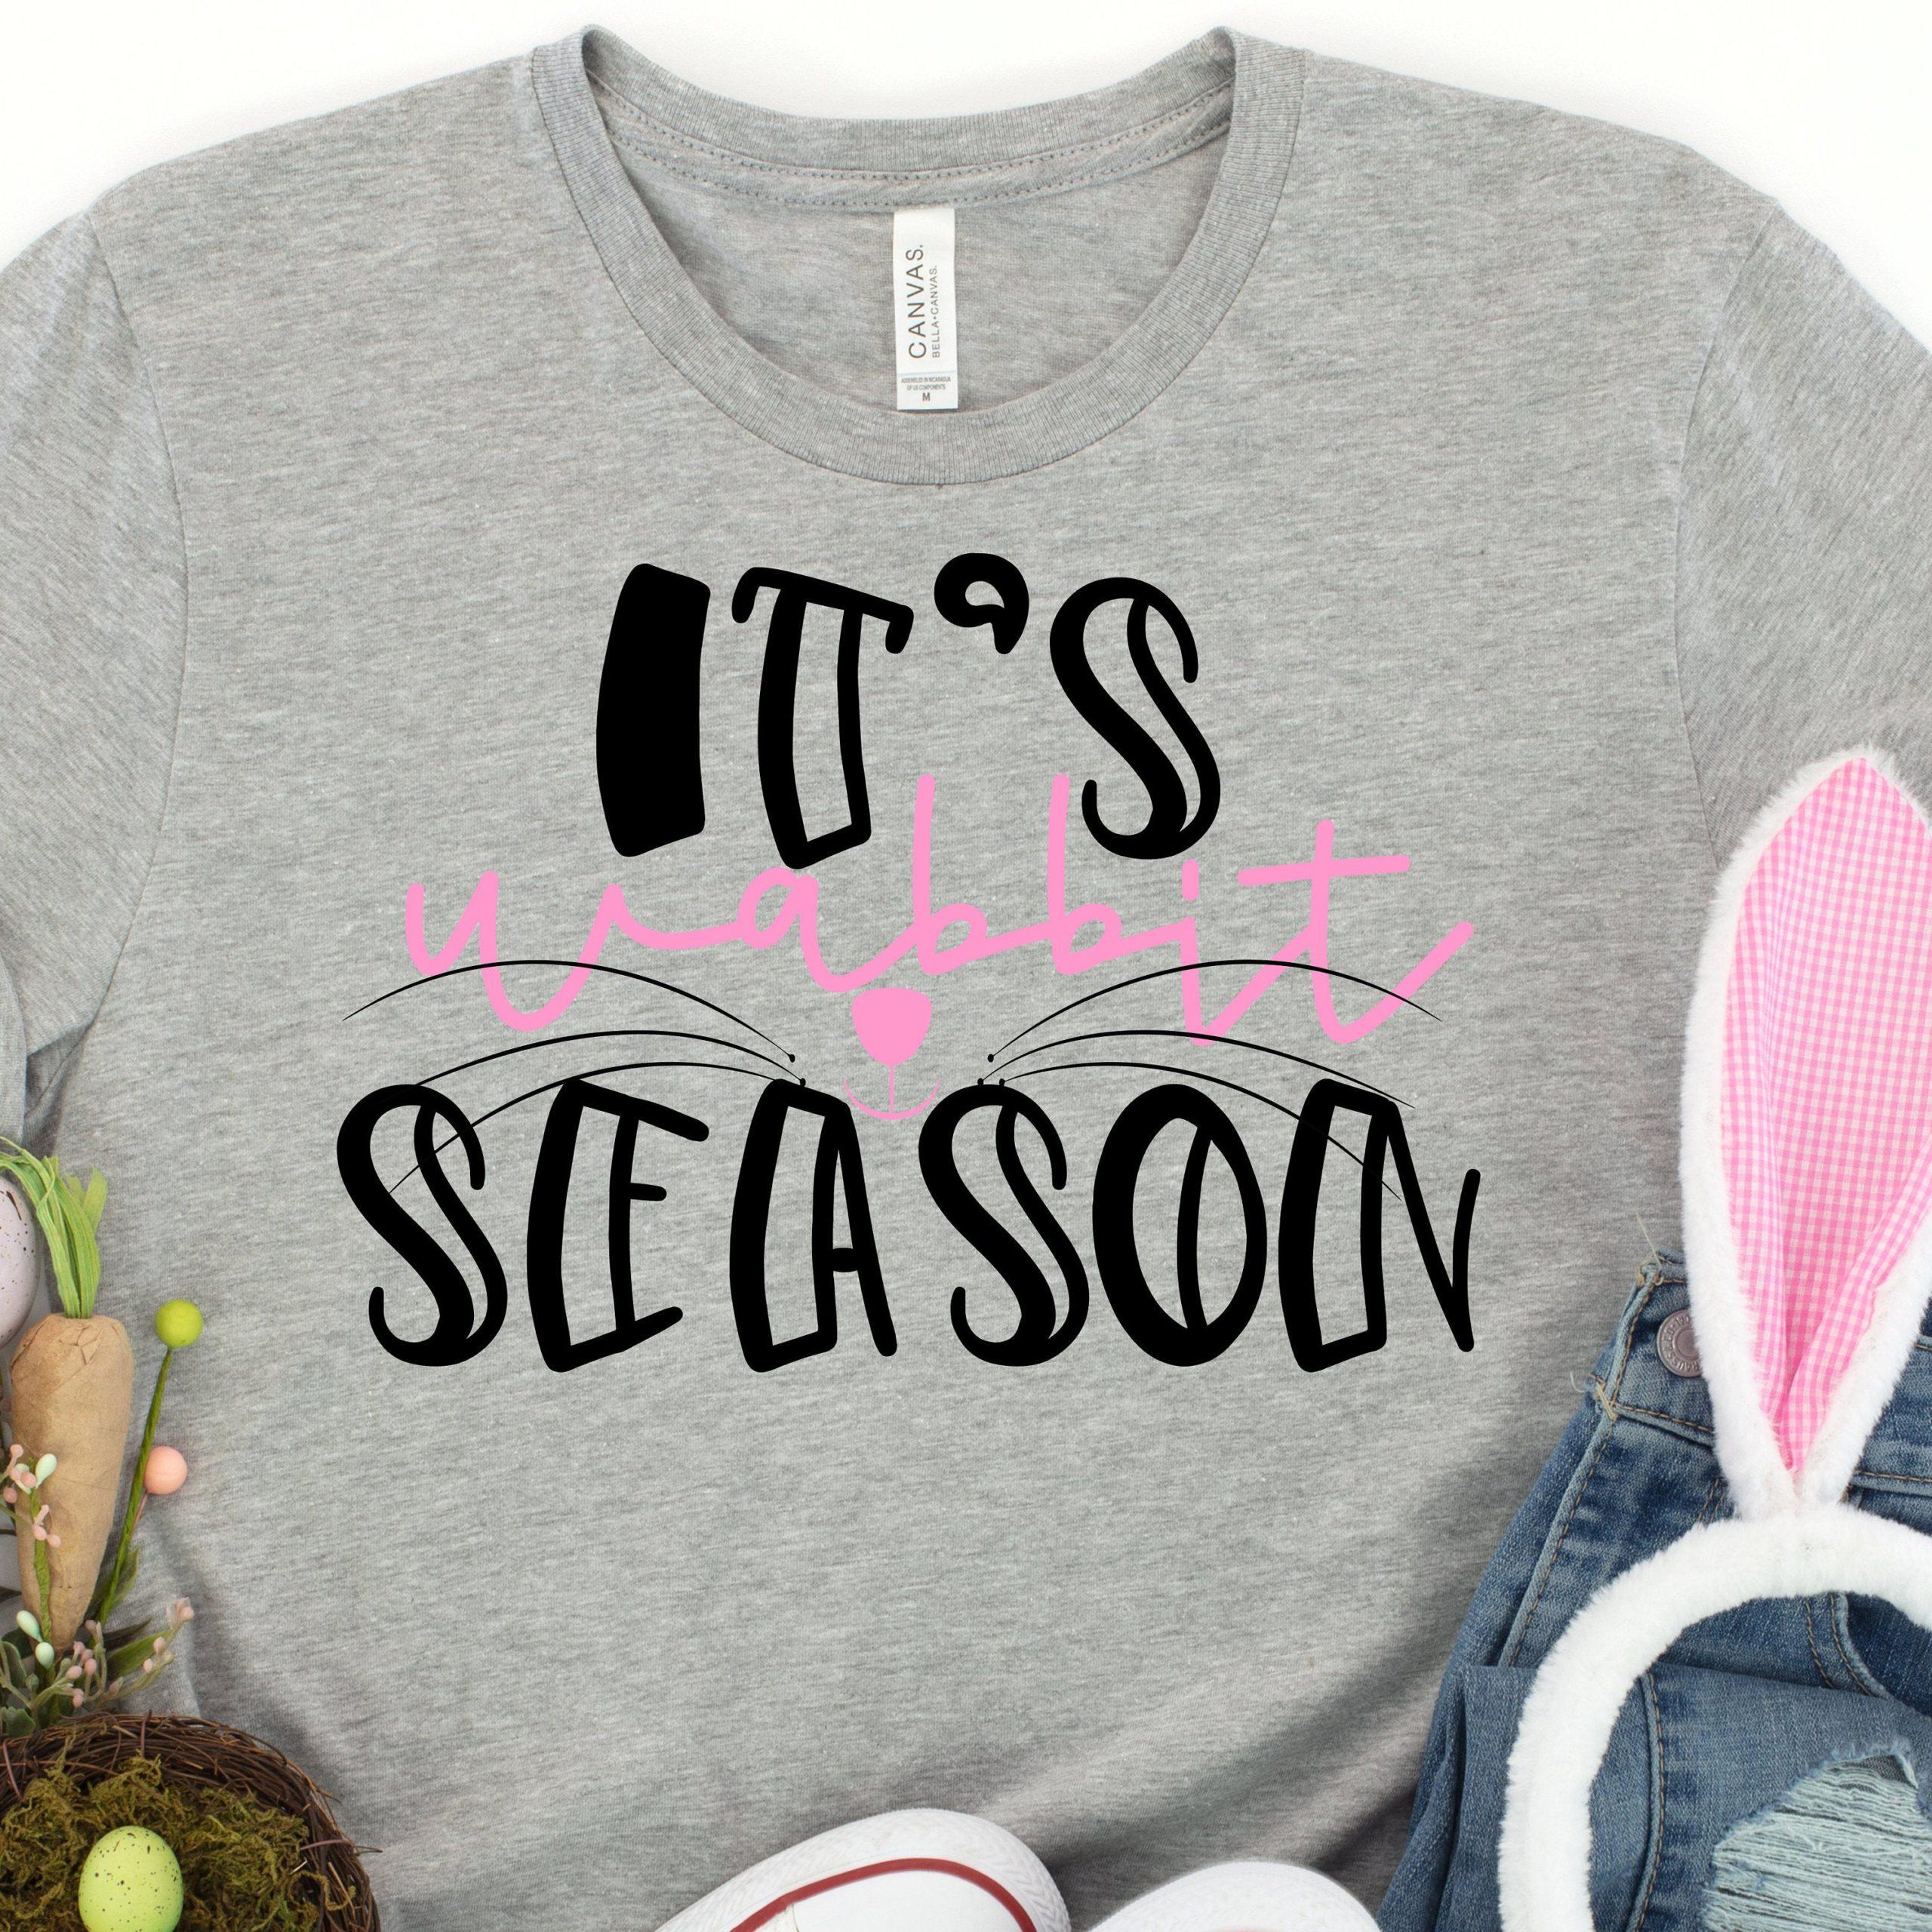 Easter-svg-its-wabbit-season-svg-easter-svgs-easter-bunny-svg-easter-rabbit-svg-easter-svg-design-easter-cut-file-easter-cricut-svg-60513b55